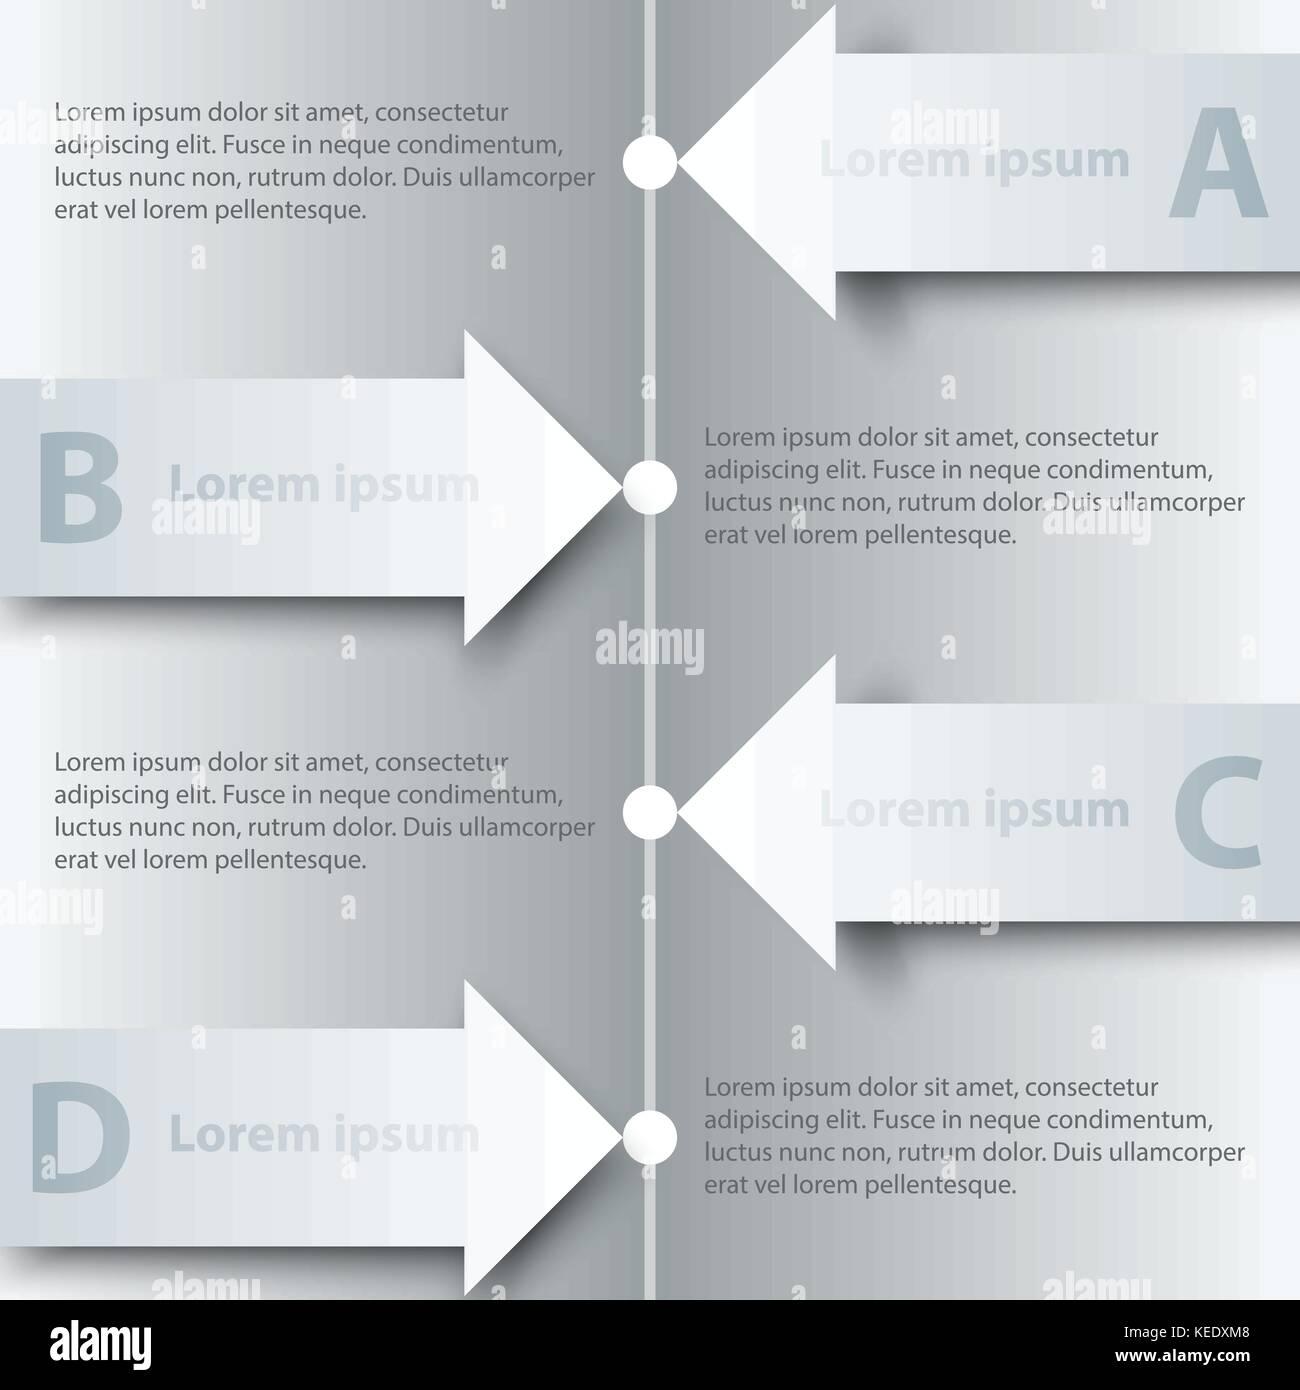 Ungewöhnlich Zeitrahmen Oder Zeitrahmen Ideen - Benutzerdefinierte ...